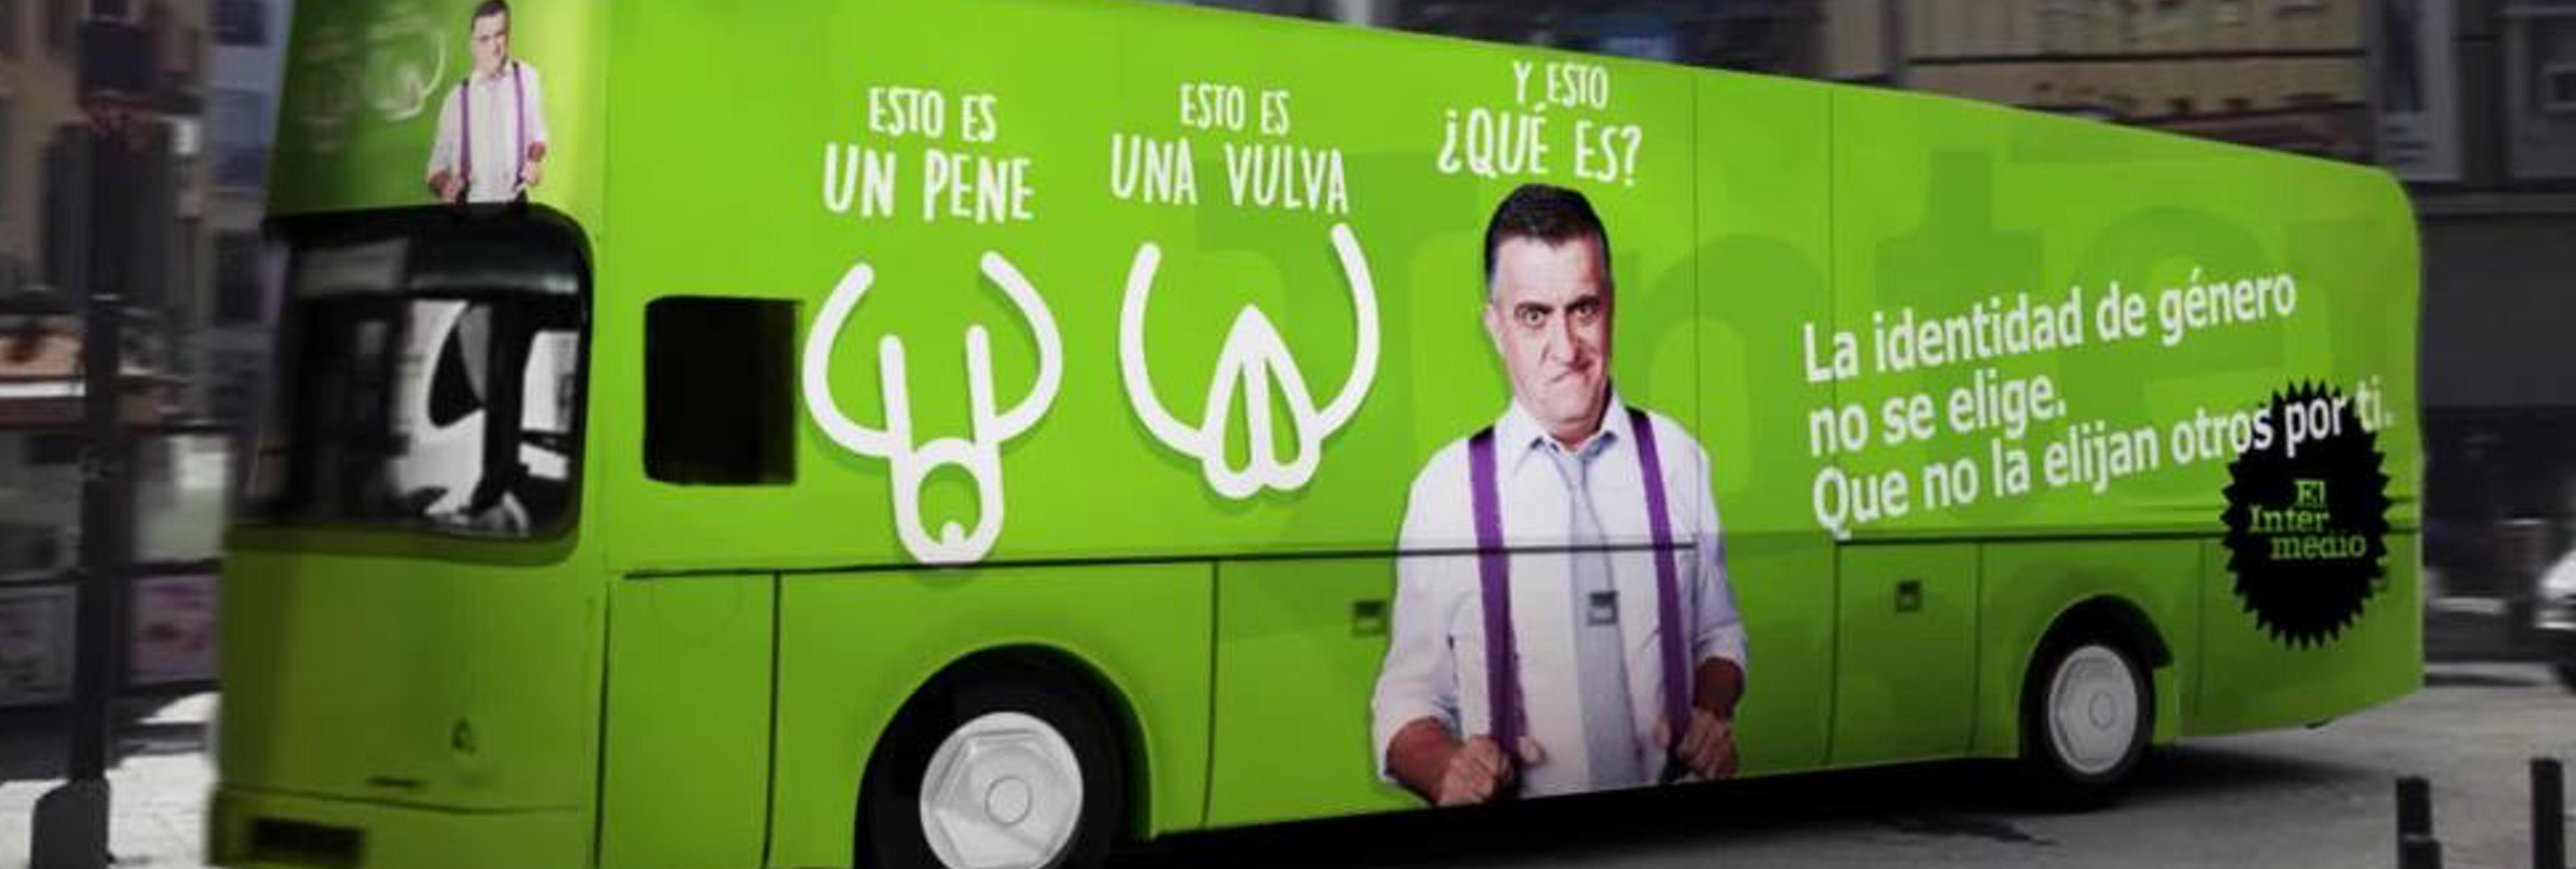 'El Intermedio' responde al ataque transfóbico de Hazte Oír con un autobús reivindicativo: 'la identidad de género no se elige'